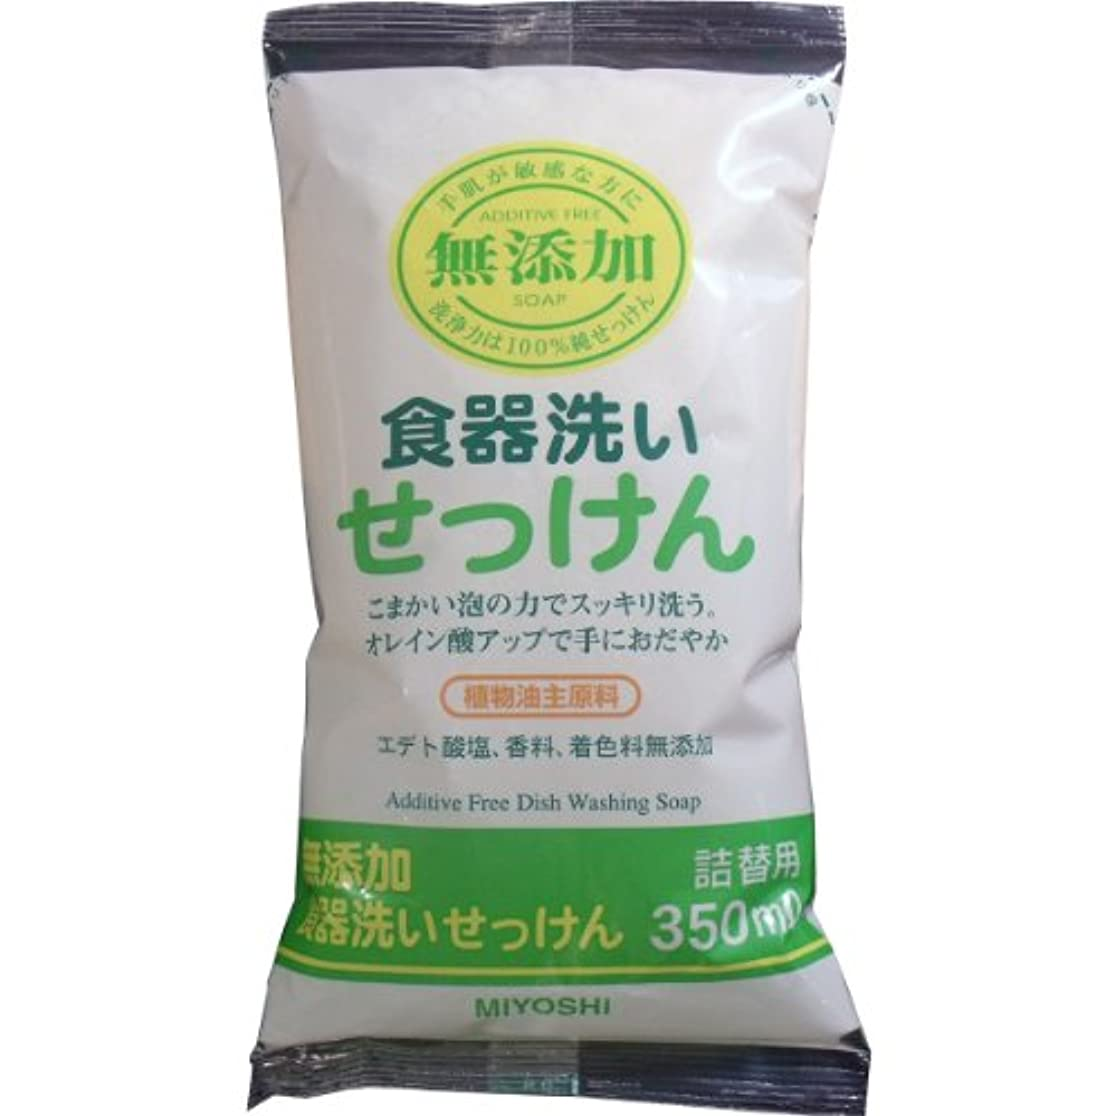 ペーストサルベージ無駄なミヨシ 無添加 食器洗いせっけん つめかえ用 350ml(無添加石鹸)